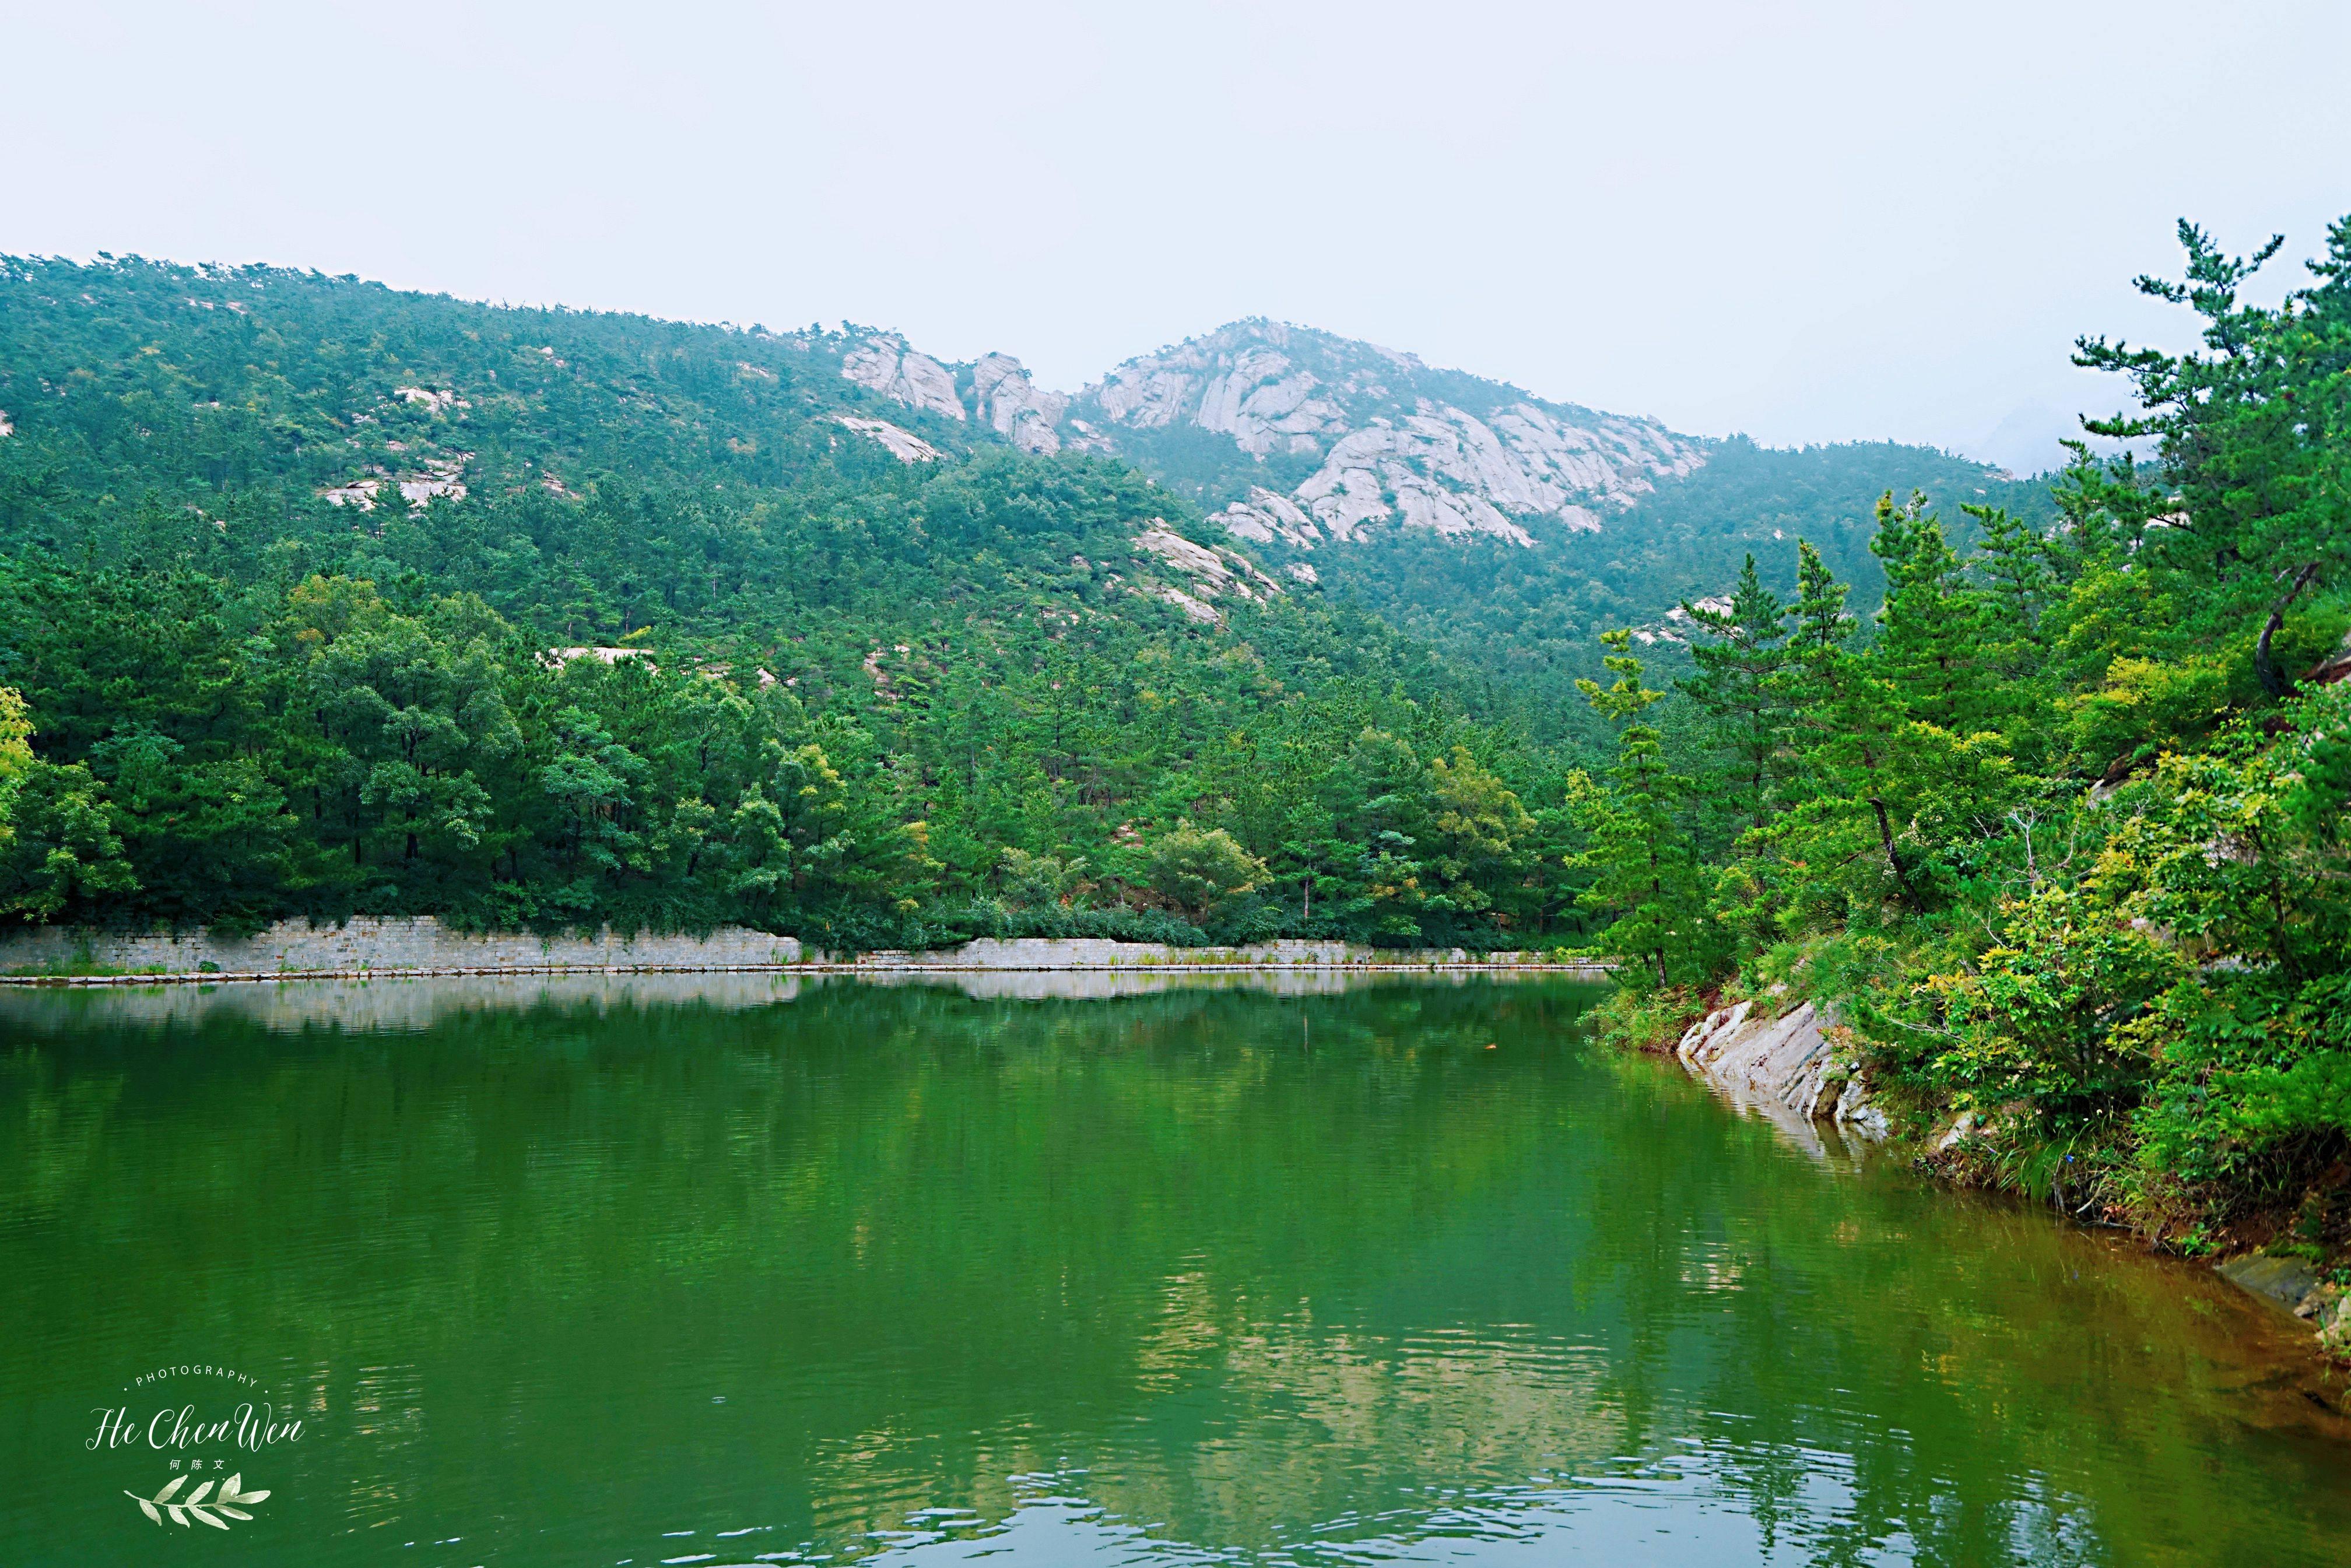 海上仙山之祖,道教全真派的发源地,夏天的避暑胜地